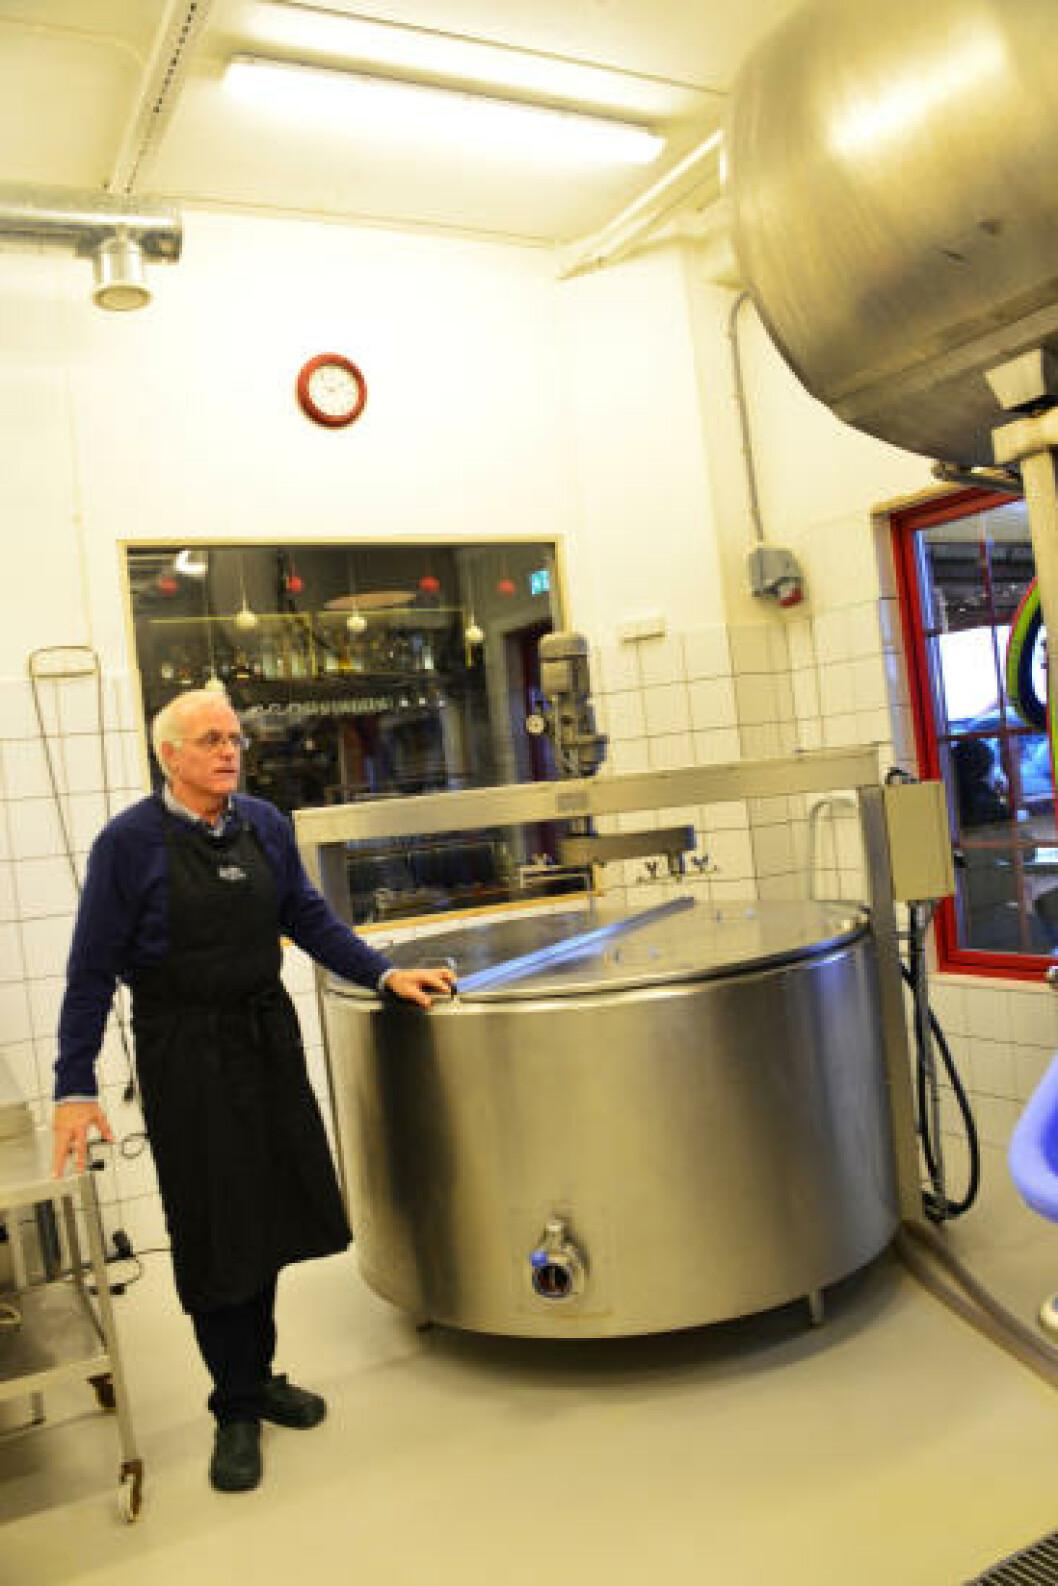 <strong>SAKTE OST:</strong> Trond Wahlstrøm mener osten blir bedre om den lages sakte, og med kjærlighet. Så her går det meste for hånd, i sakte tempo. Foto: TORILD MOLAND